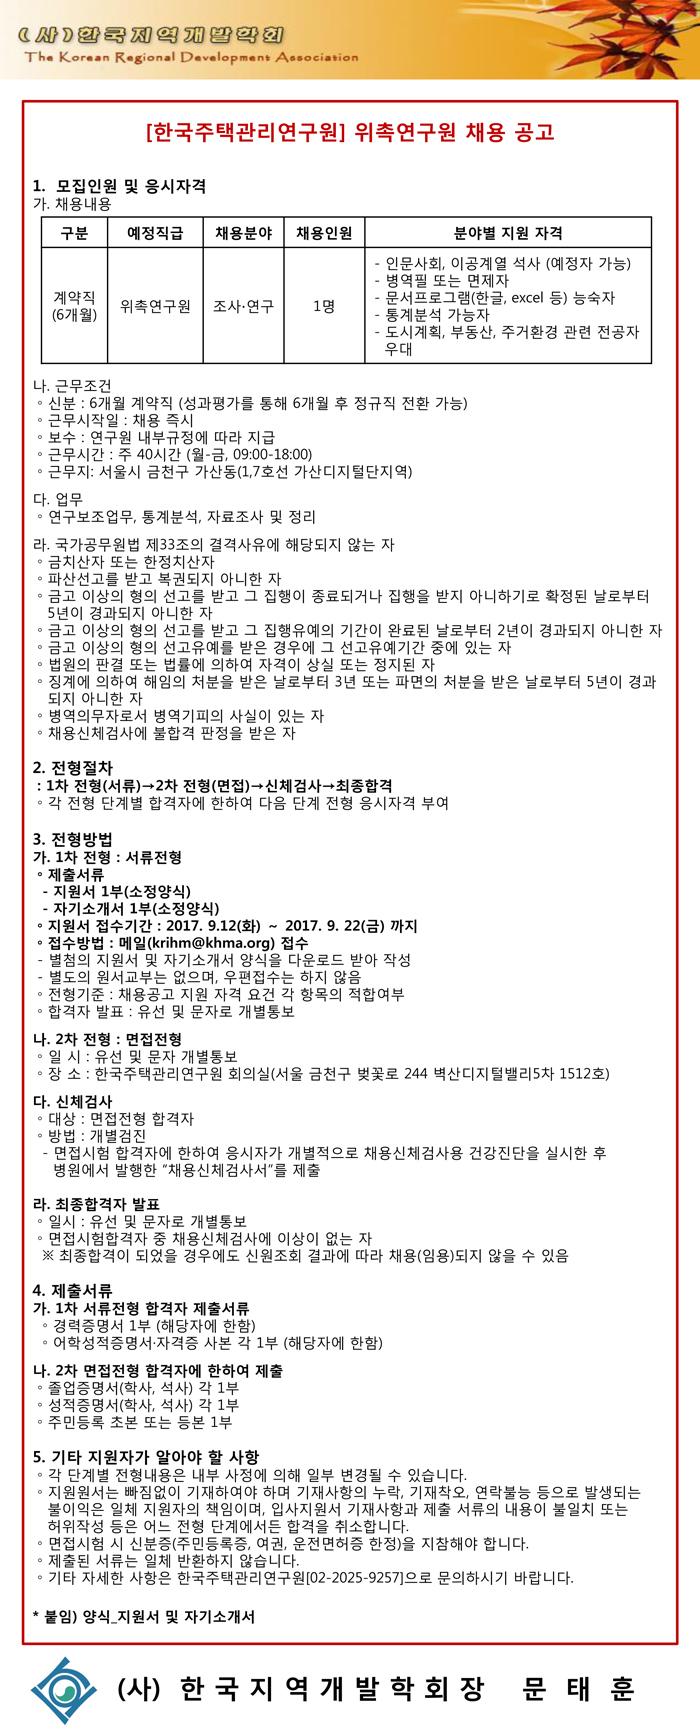 [한국주택관리연구원]-위촉연구원-채용공고.jpg